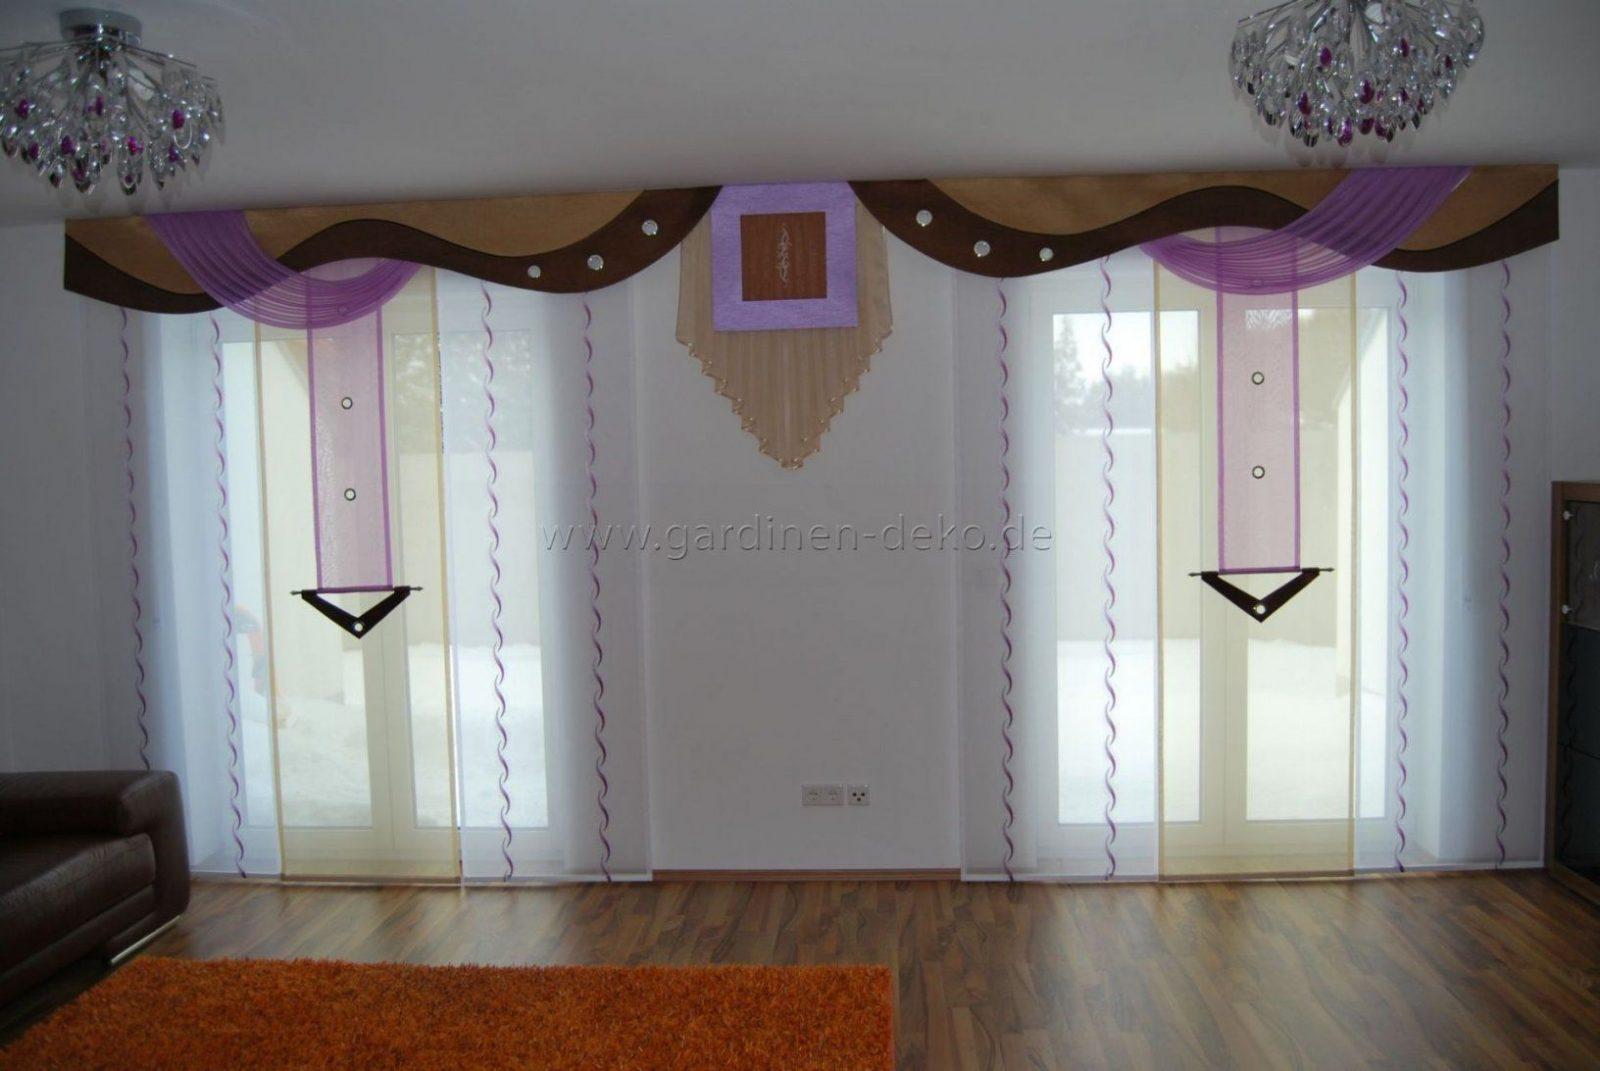 Wohnzimmer Schiebevorhang In Lilabeige Mit Braunen Bogen von Gardinen Bogen Nähen Bild